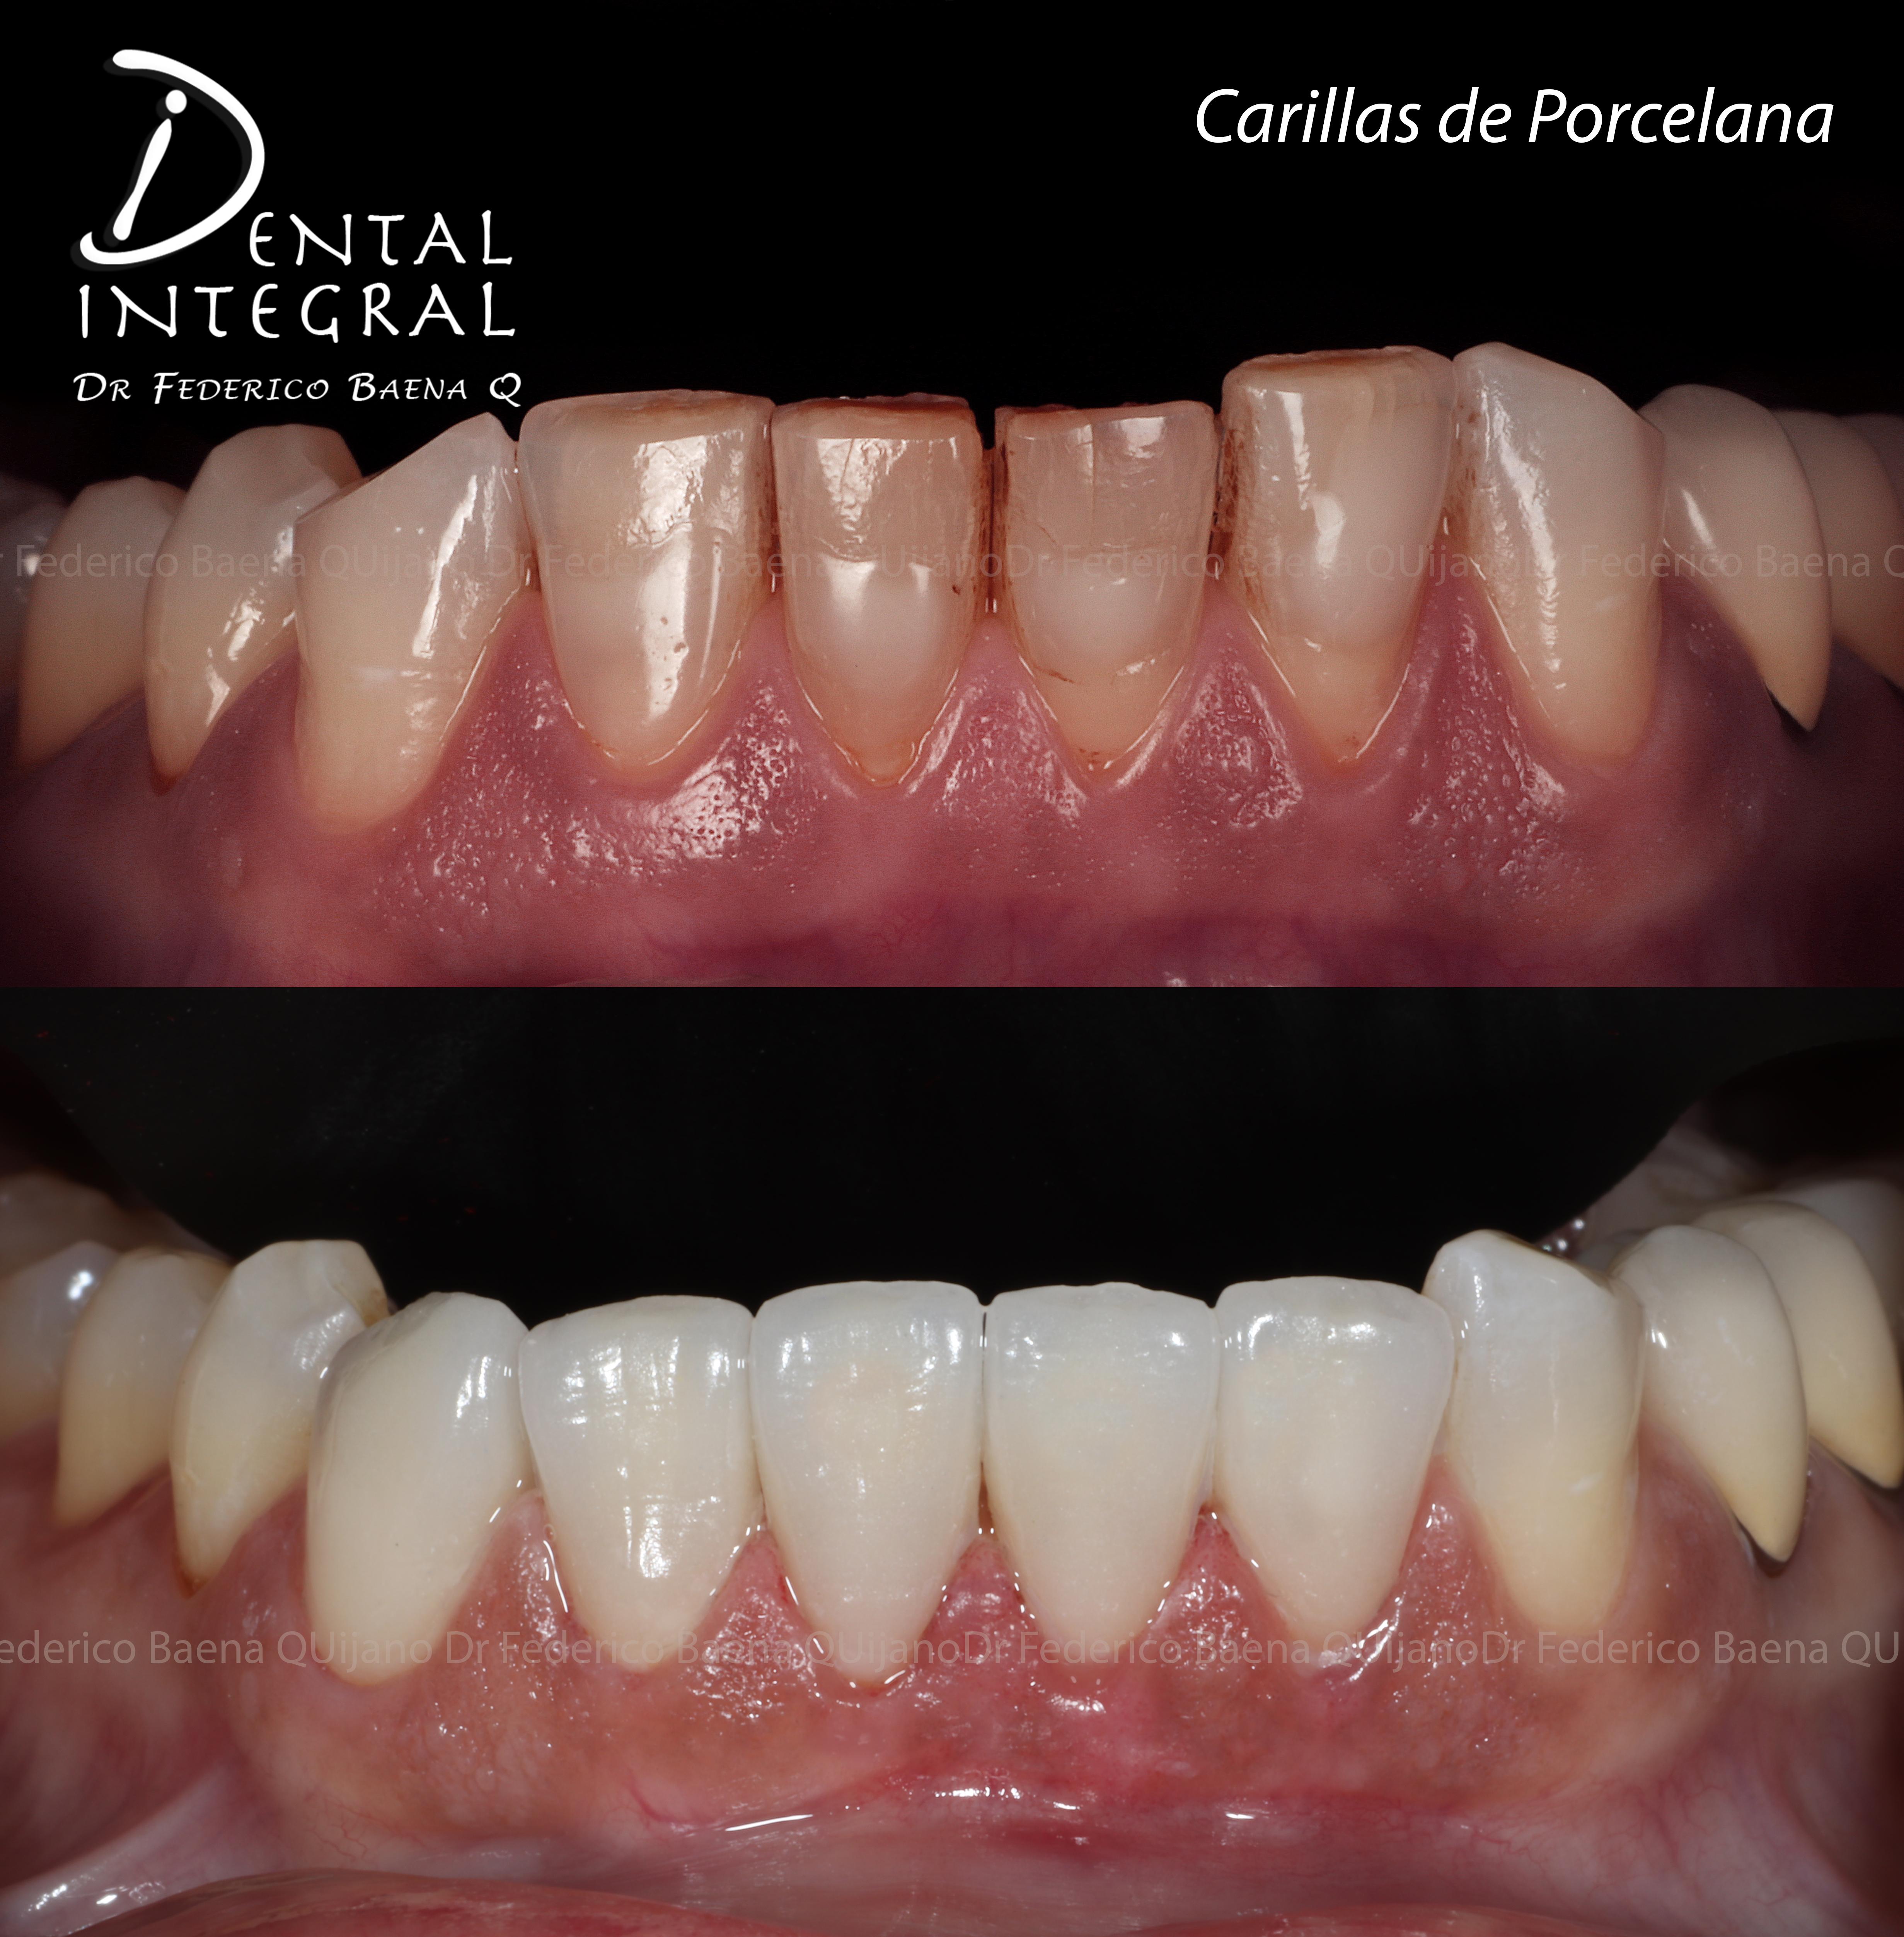 Carillas dentales esteticas queretaro